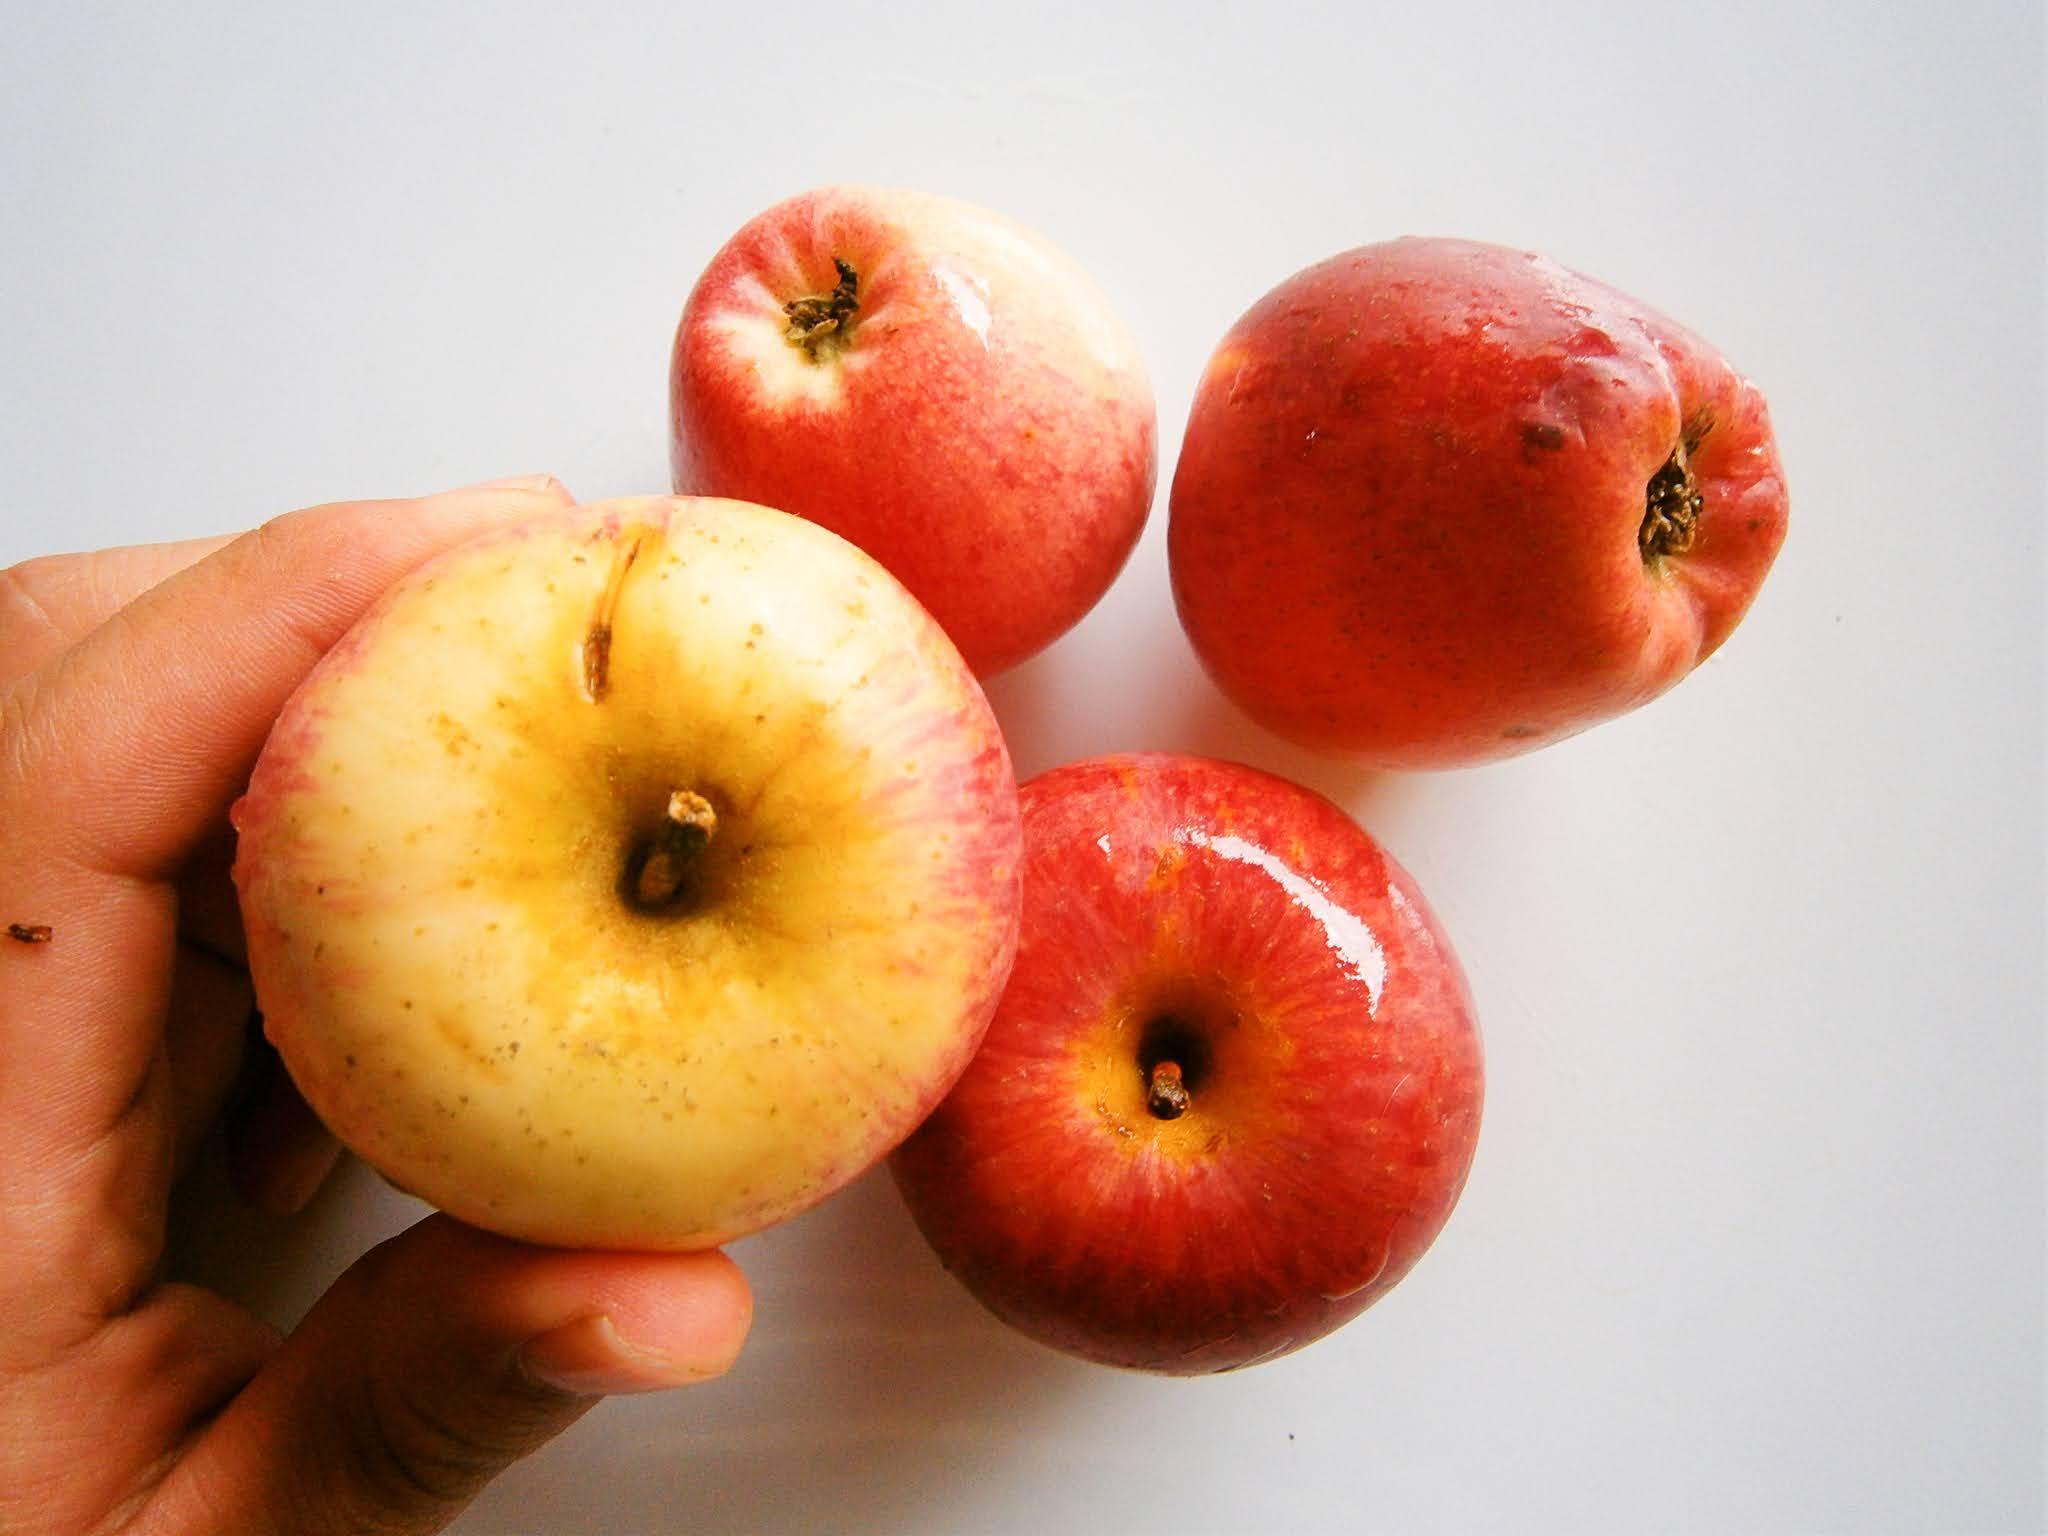 Manzanas frescas puestos sobre un fondo de color blanco